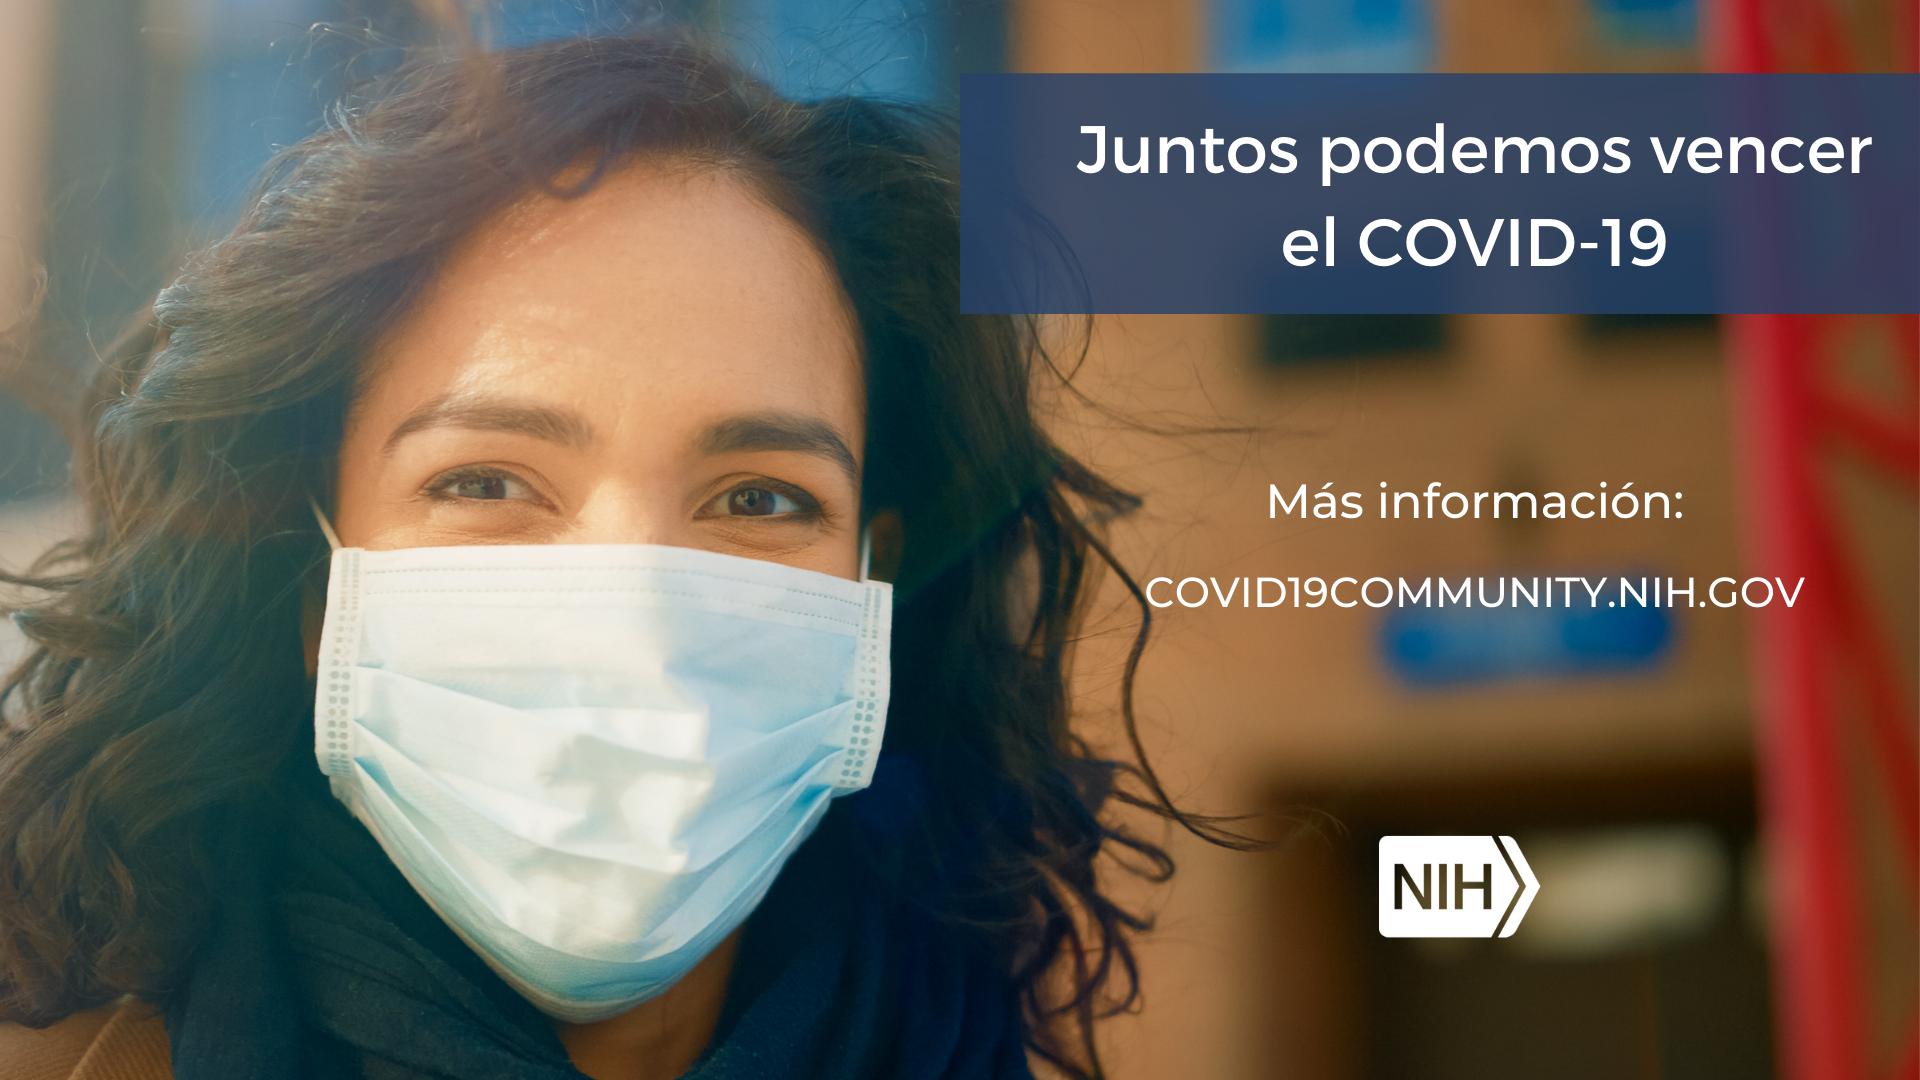 """Imagen de una mujer con tapaboca. La imagen dice: """"Juntos podemos vencer el COVID-19. Más información: covid19community.nih.gov"""""""